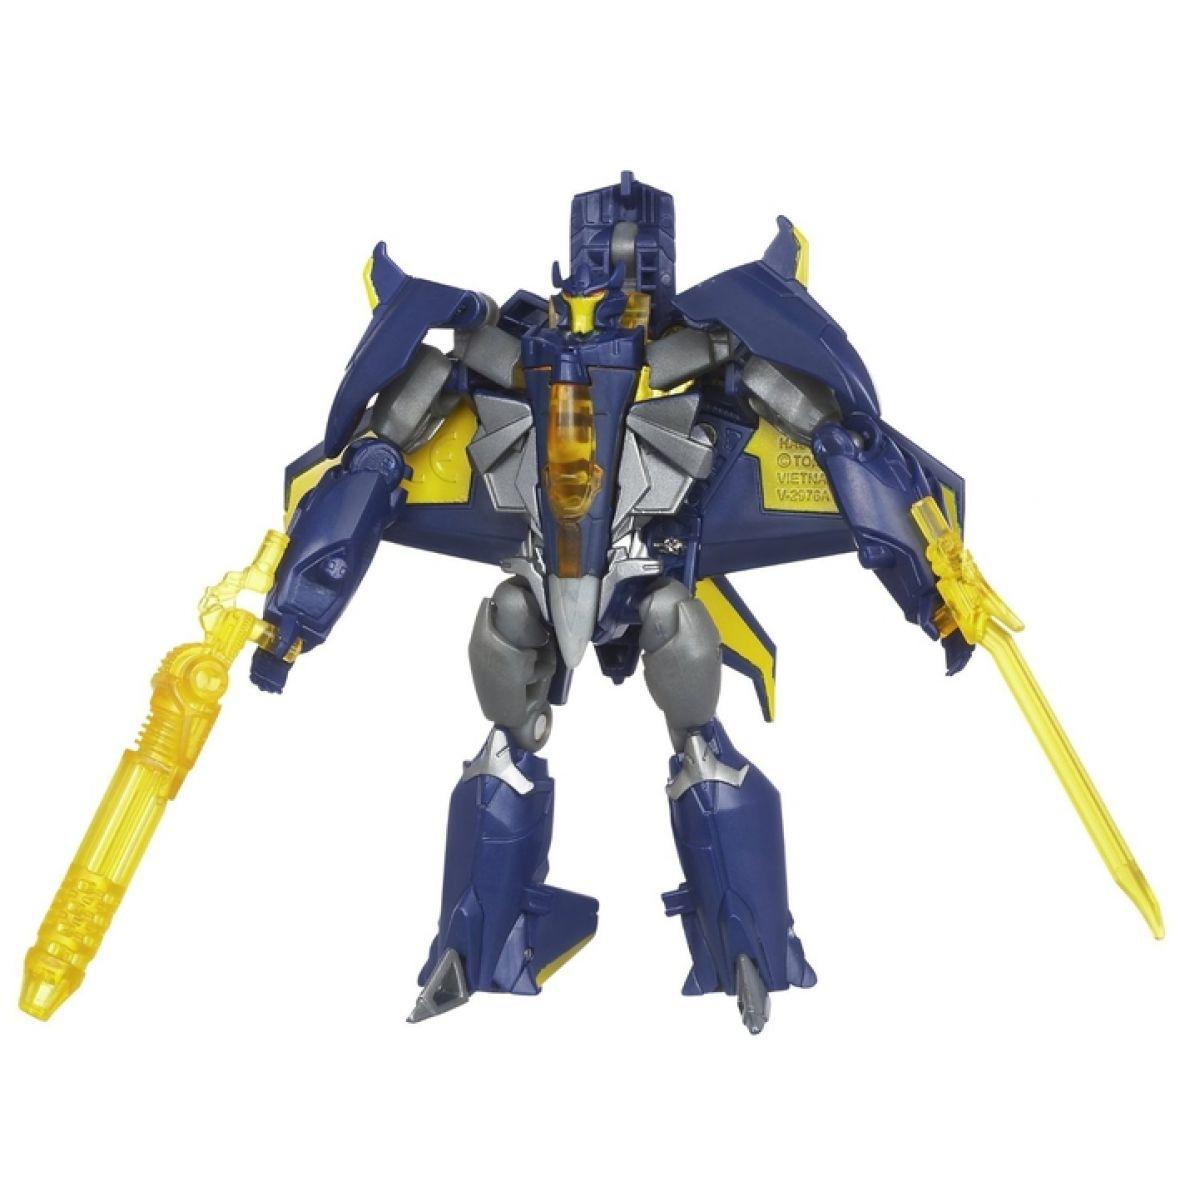 Transformers Cyberverse Commander Hasbro - Dreadwing